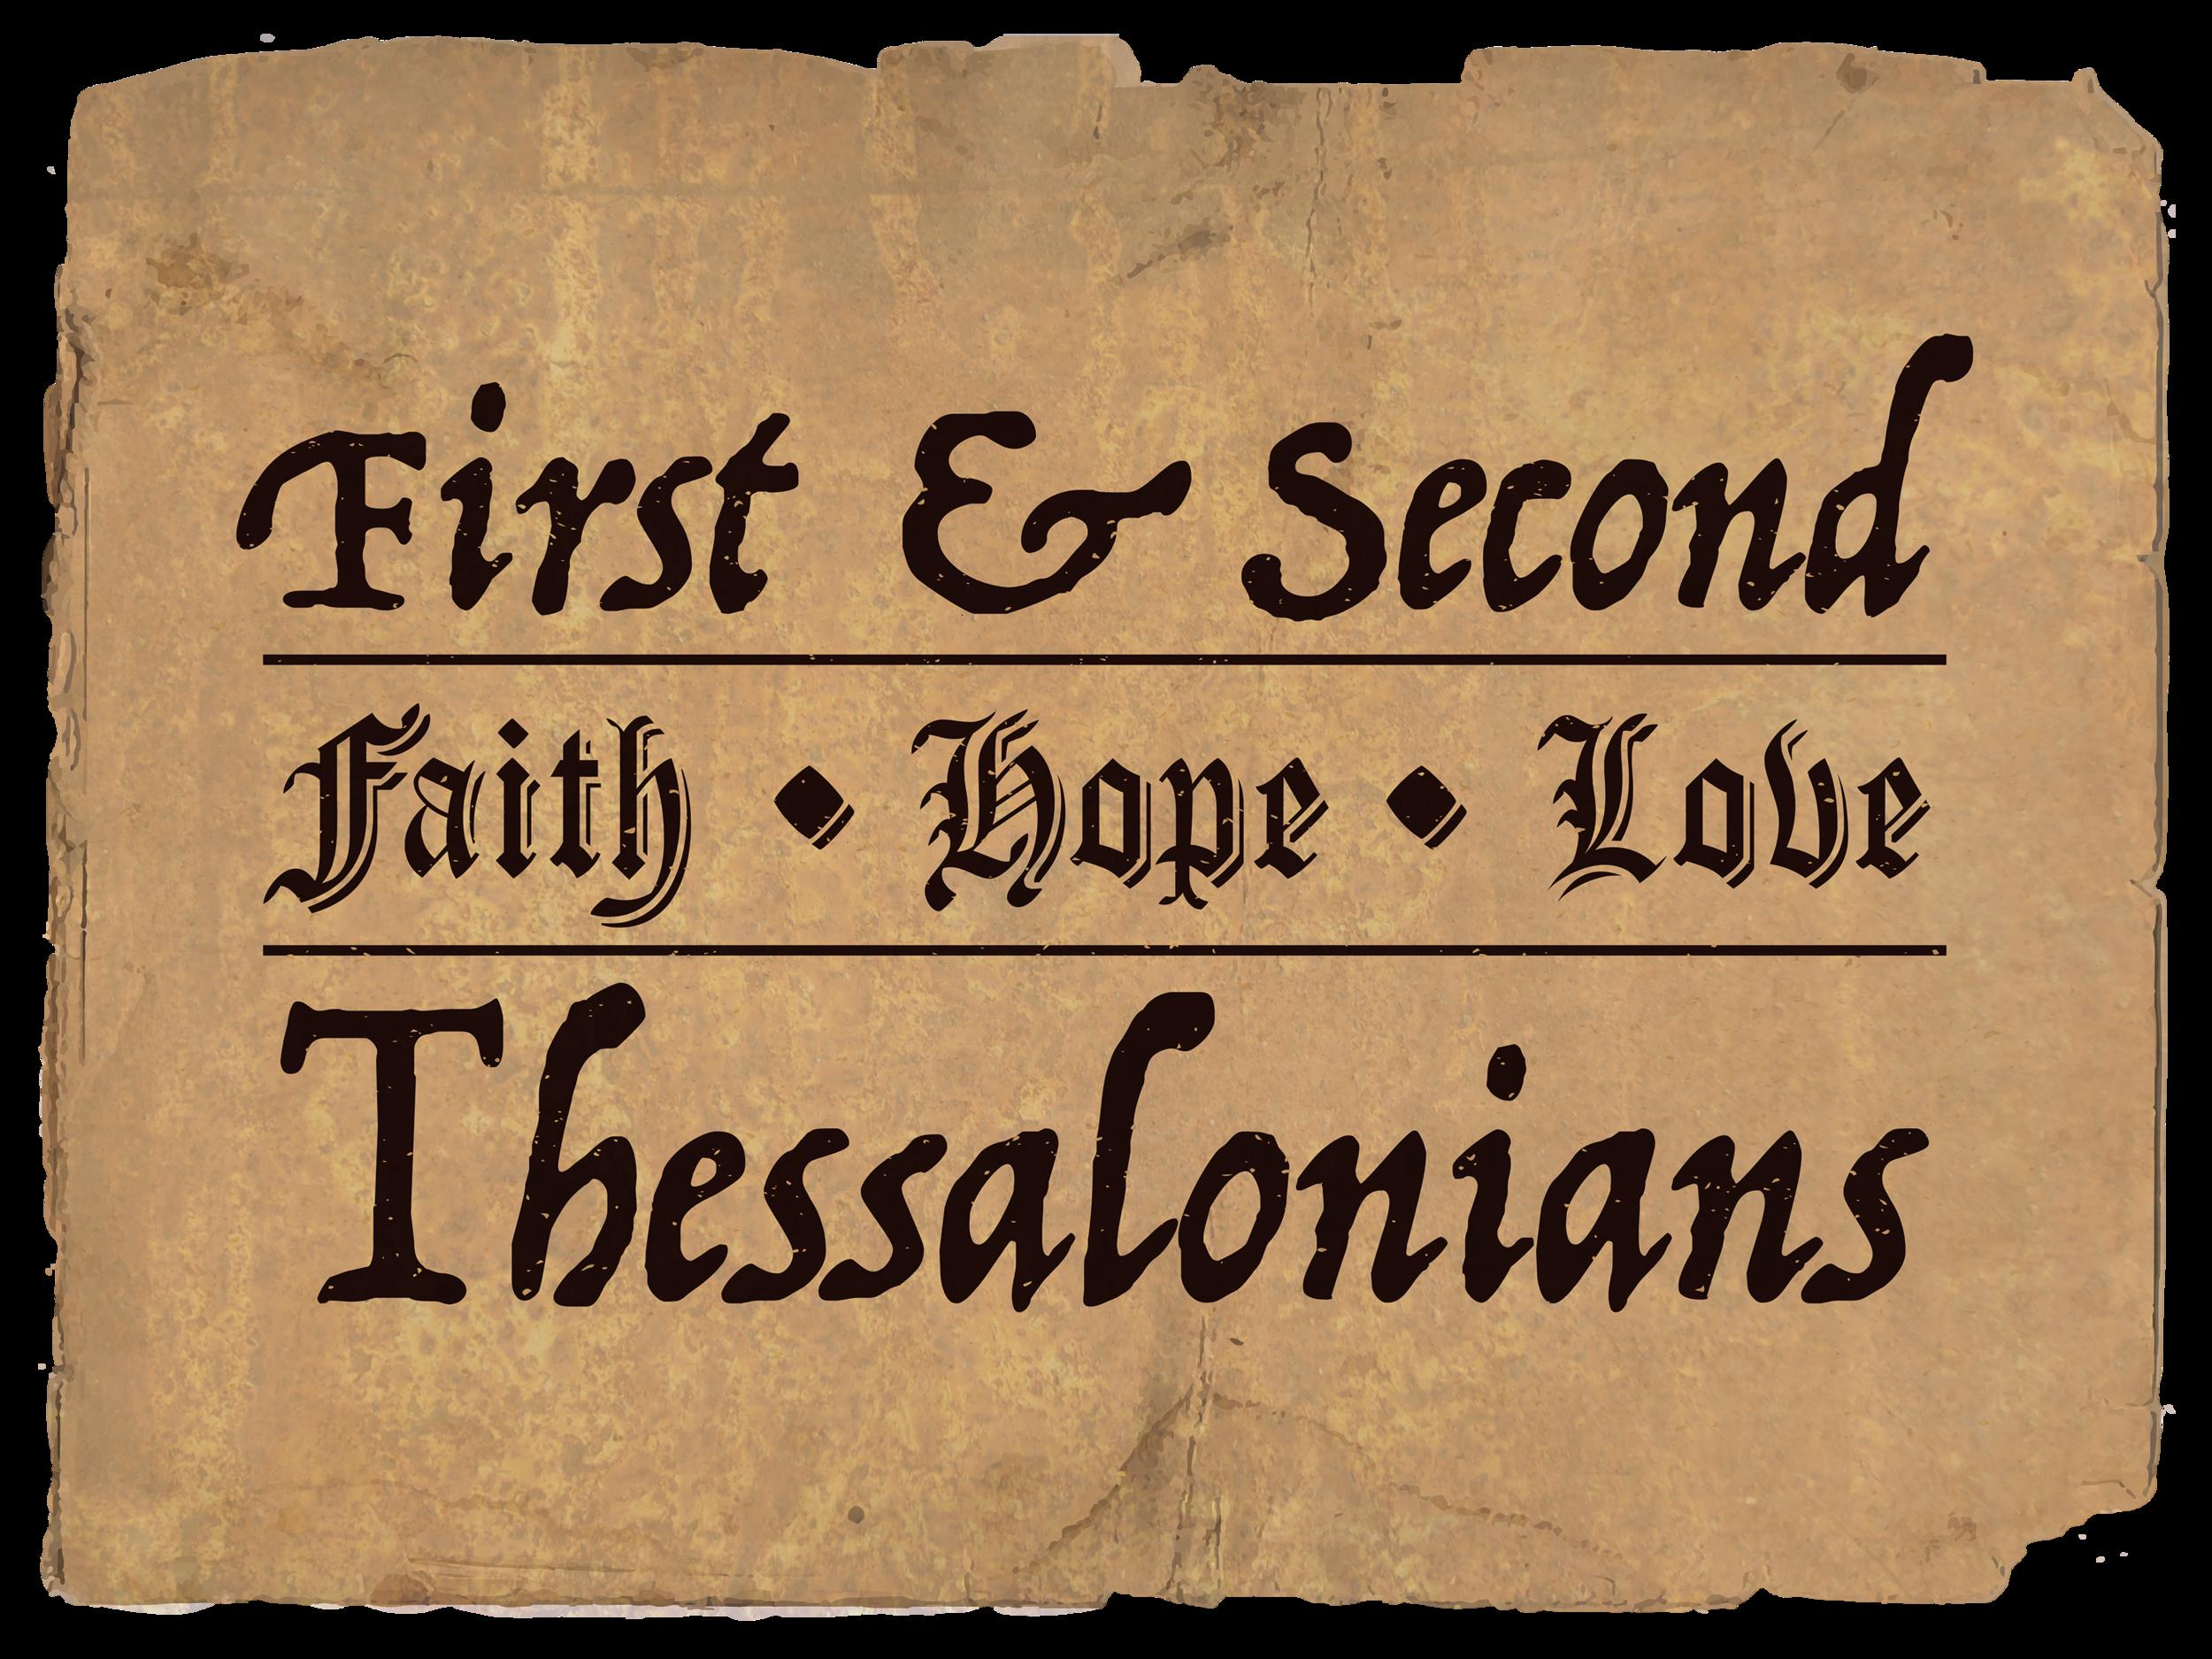 Thessalonians Art Final 2.png